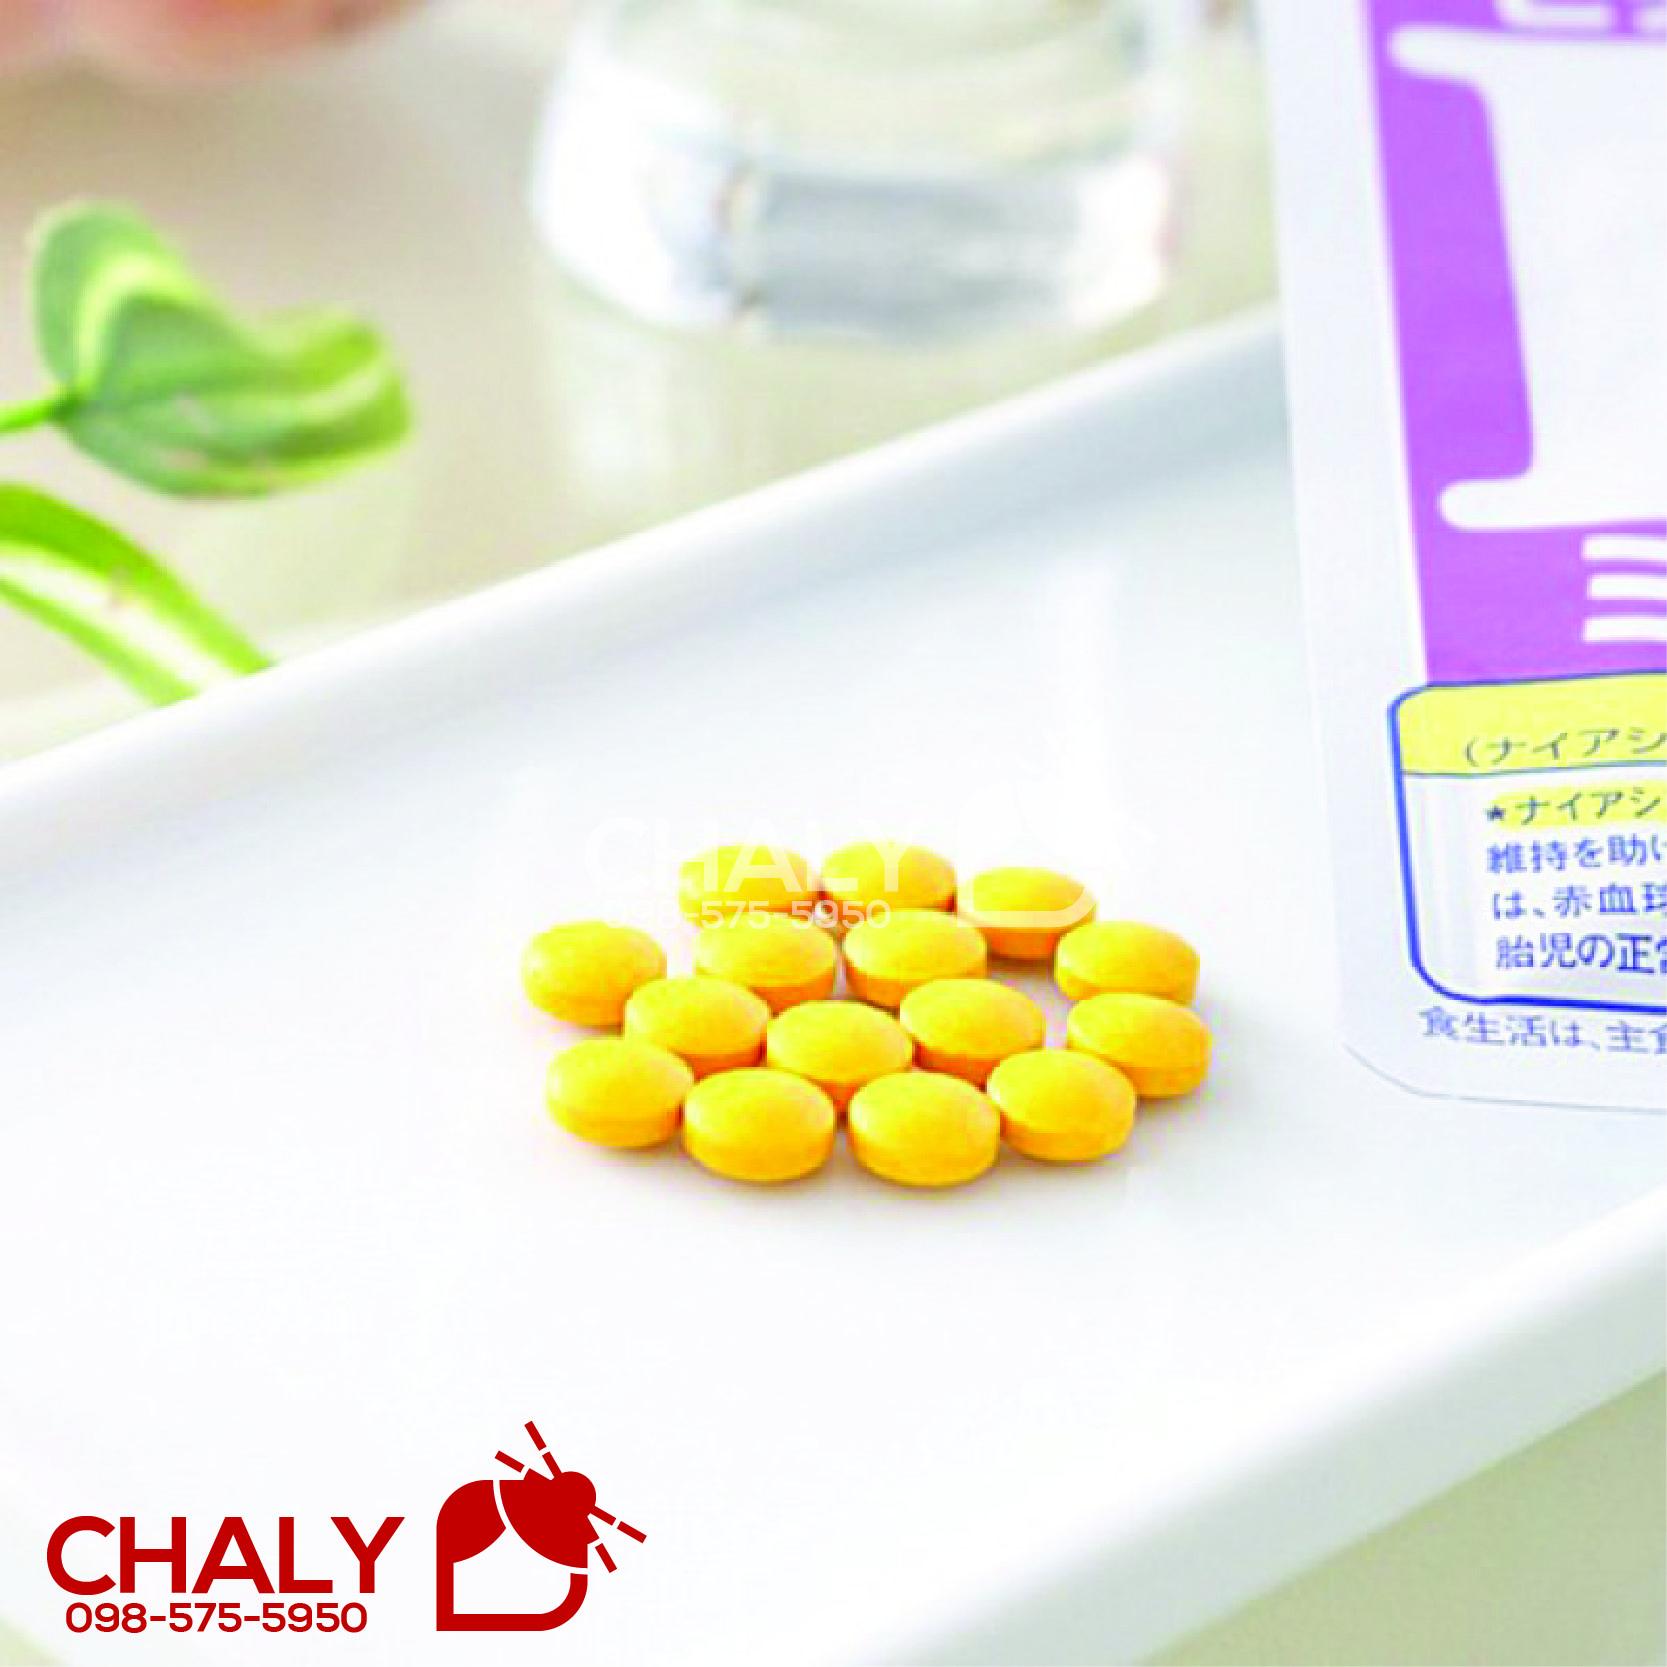 Viên vitamin của Nhật Bản DHC B mix 60 ngày có kích cỡ nhỏ, vừa miệng người châu Á, hiệu quả cao với cơ địa người Á Châu